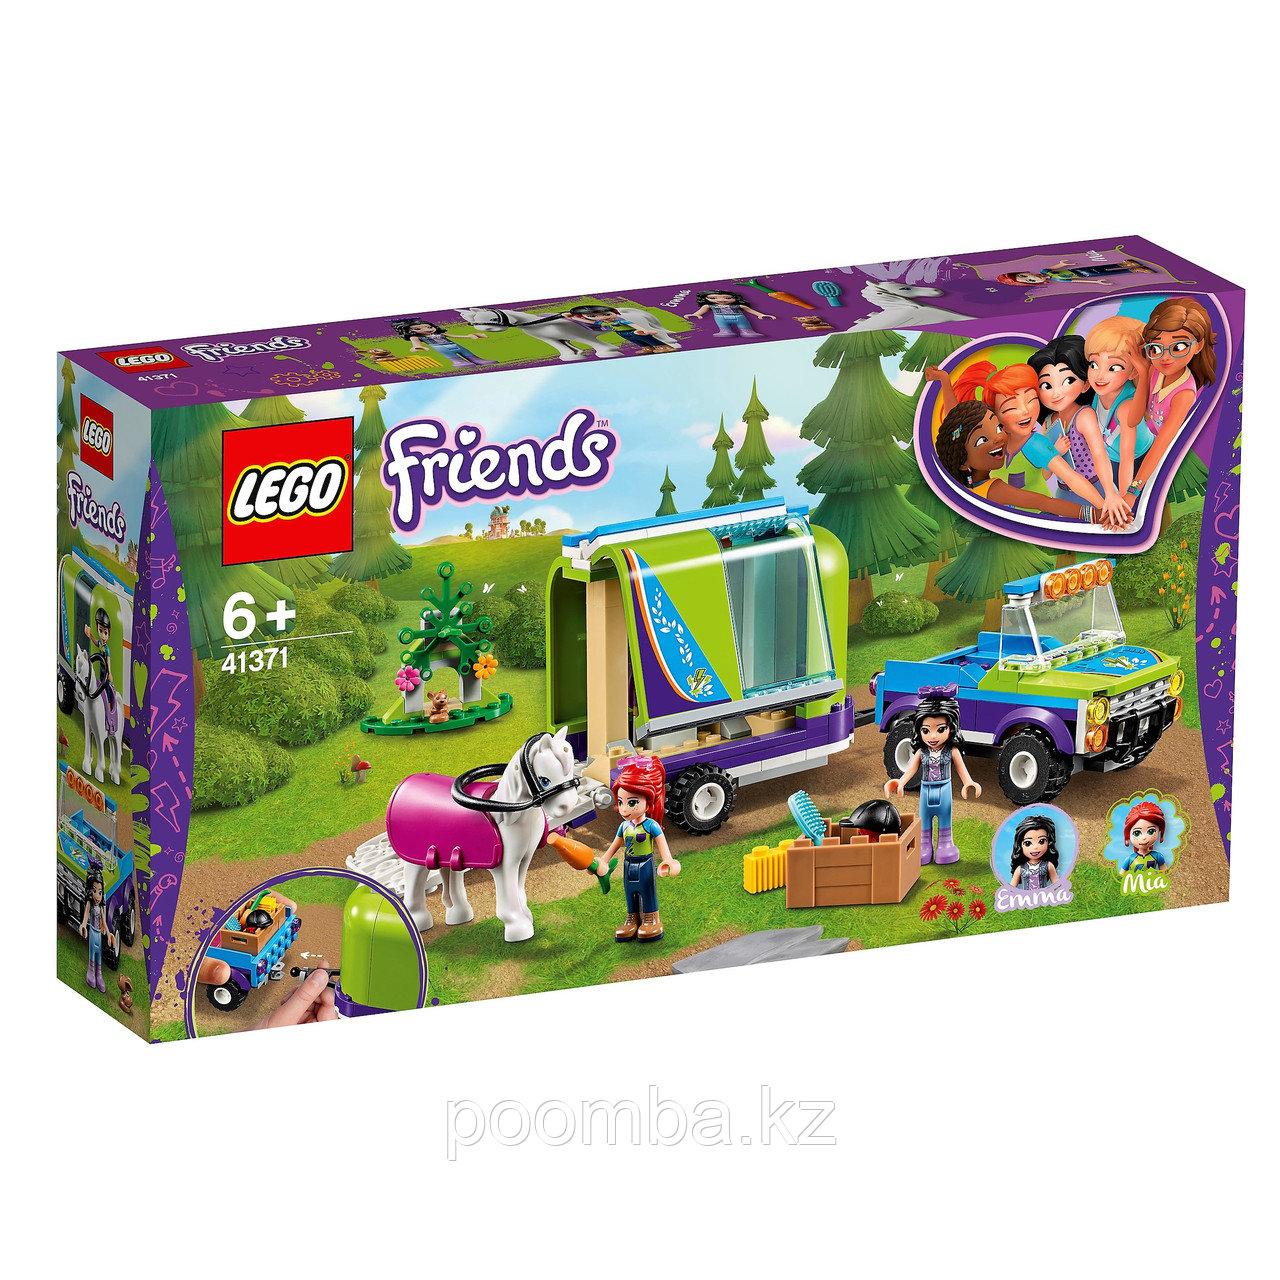 Конструктор Lego Friends Трейлер для лошадки Мии, Лего Подружки